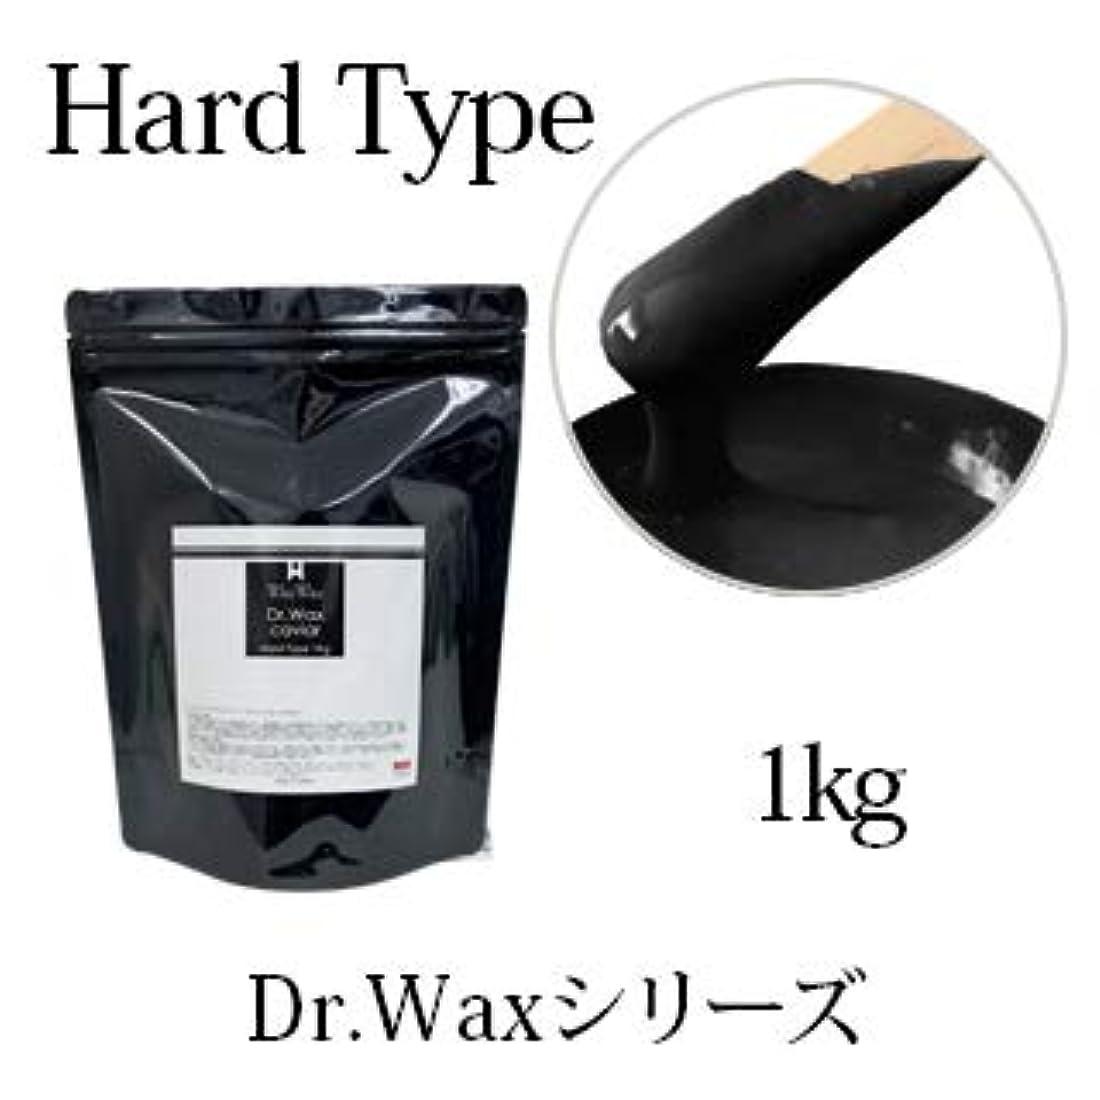 キリスト教と遊ぶ勝利した【Dr.waxシリーズ】ワックス脱毛 粒タイプ 紙を使用しない ハードワックス (キャビア 1kg)